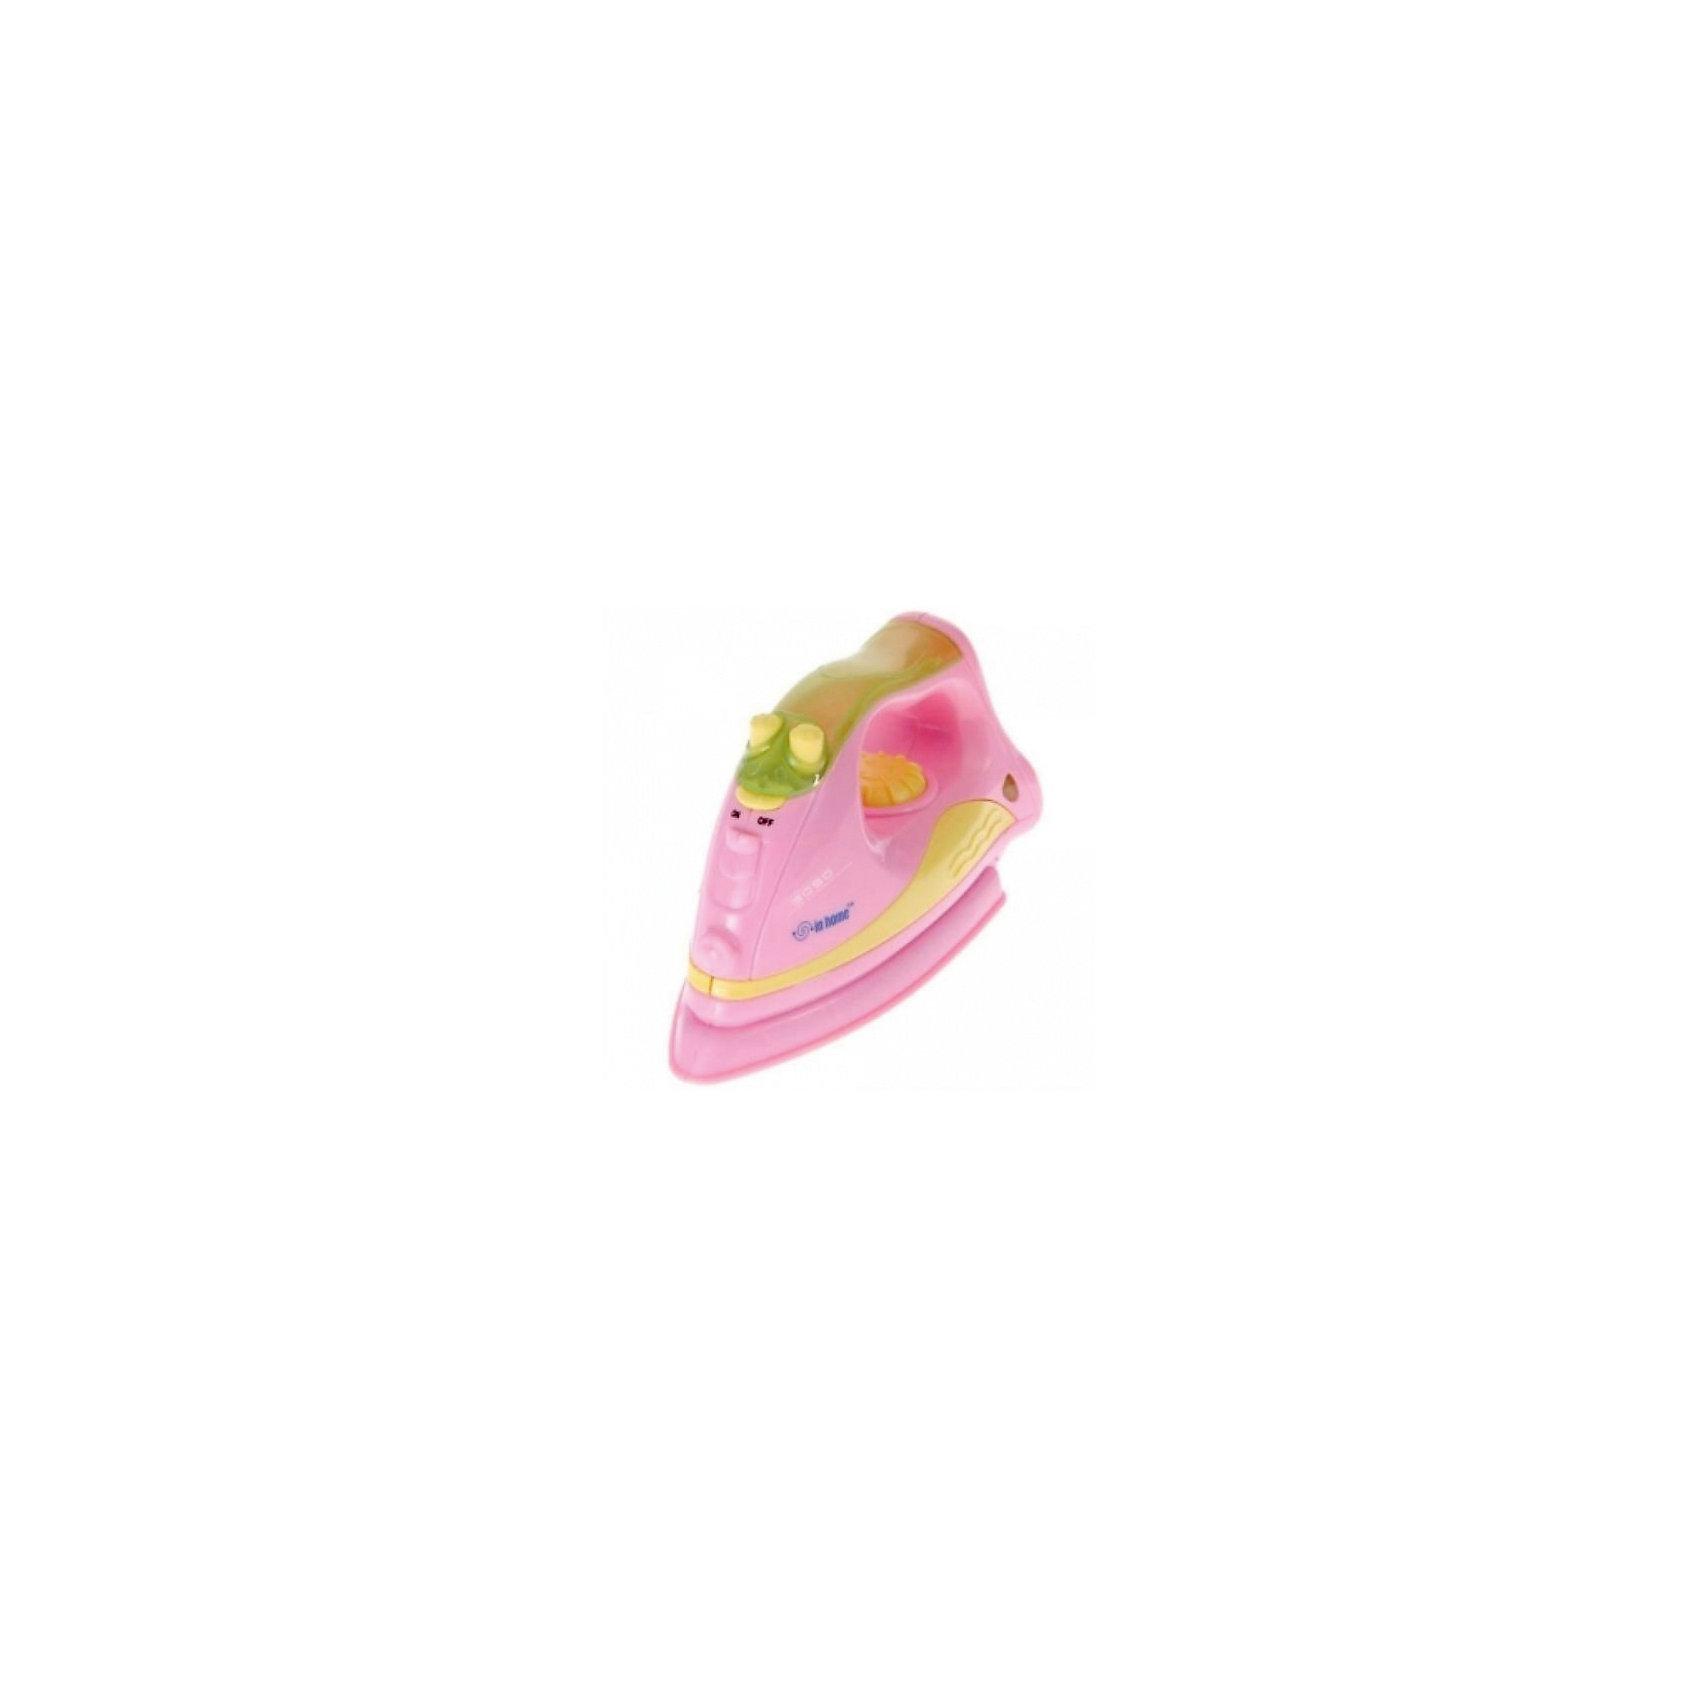 - Утюг детский, розовый, Red Box утюг браун 775